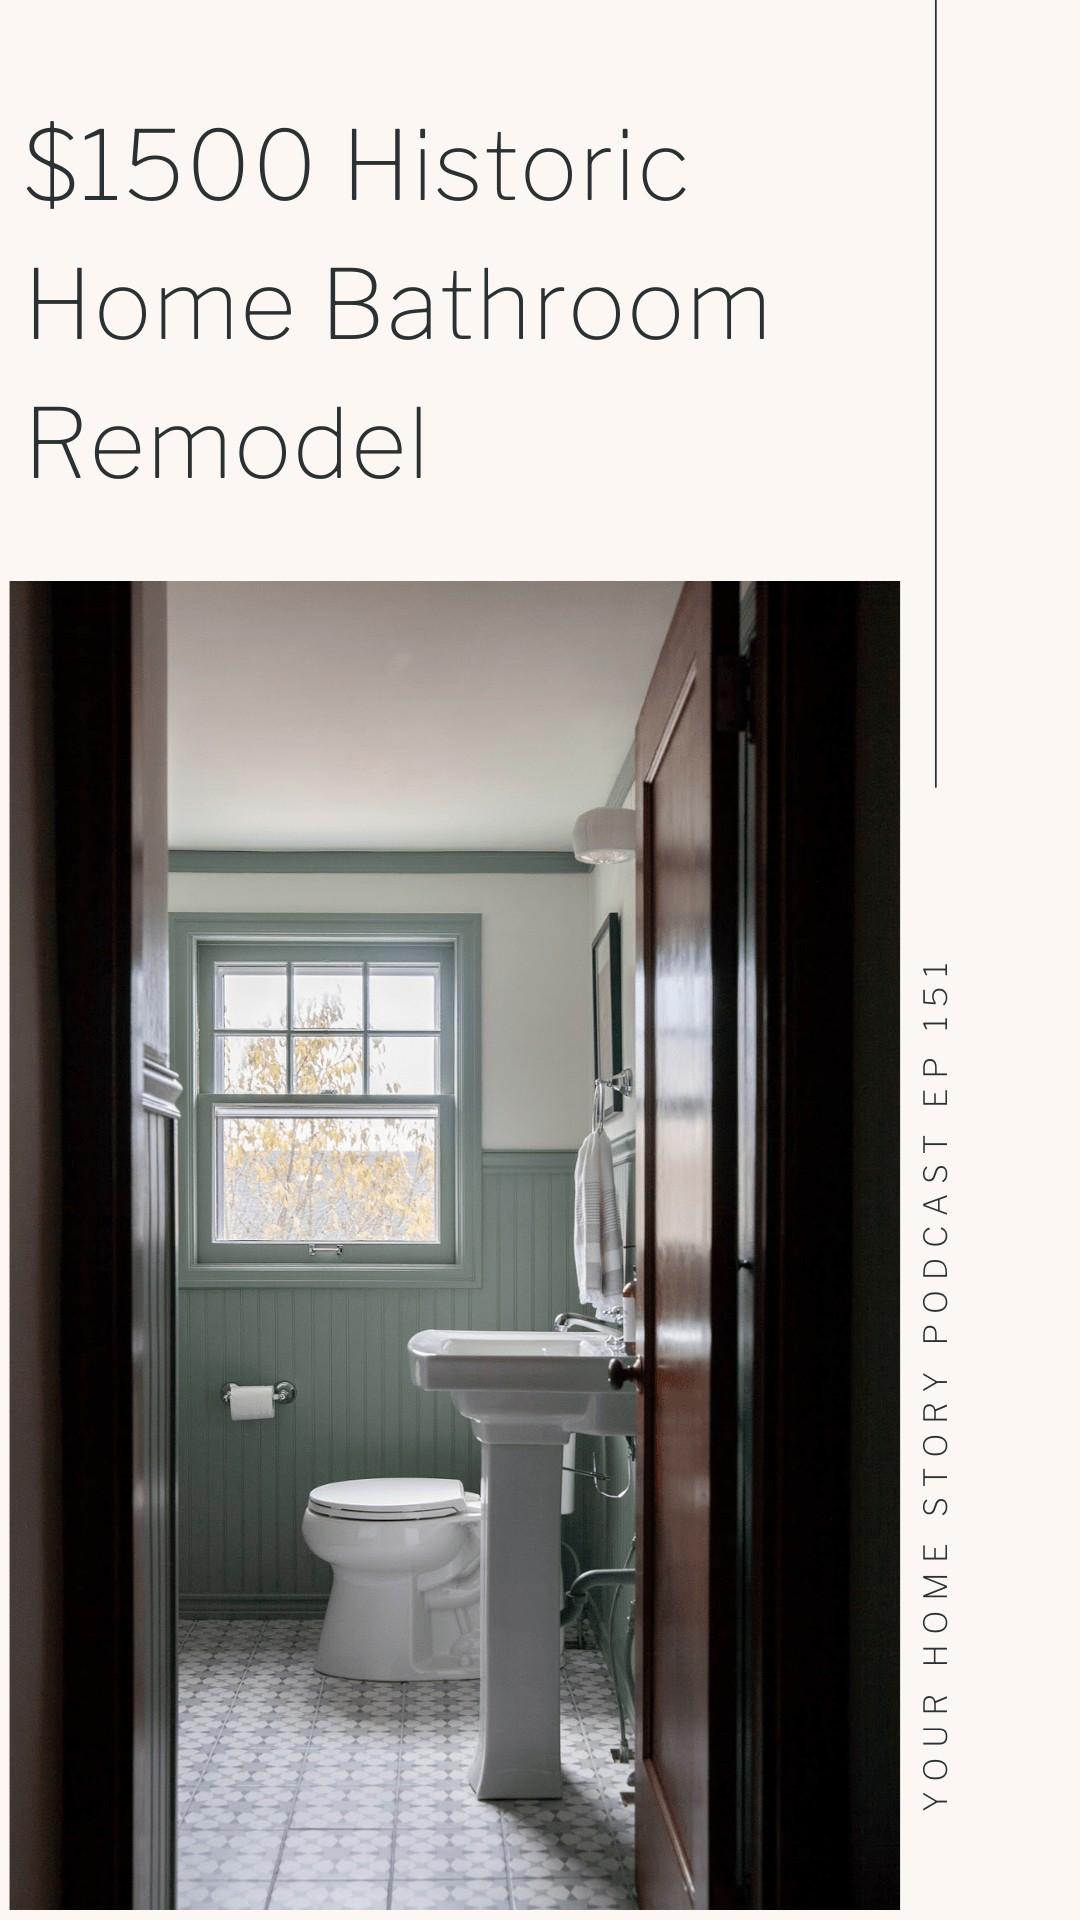 Budget friendly bath remodel